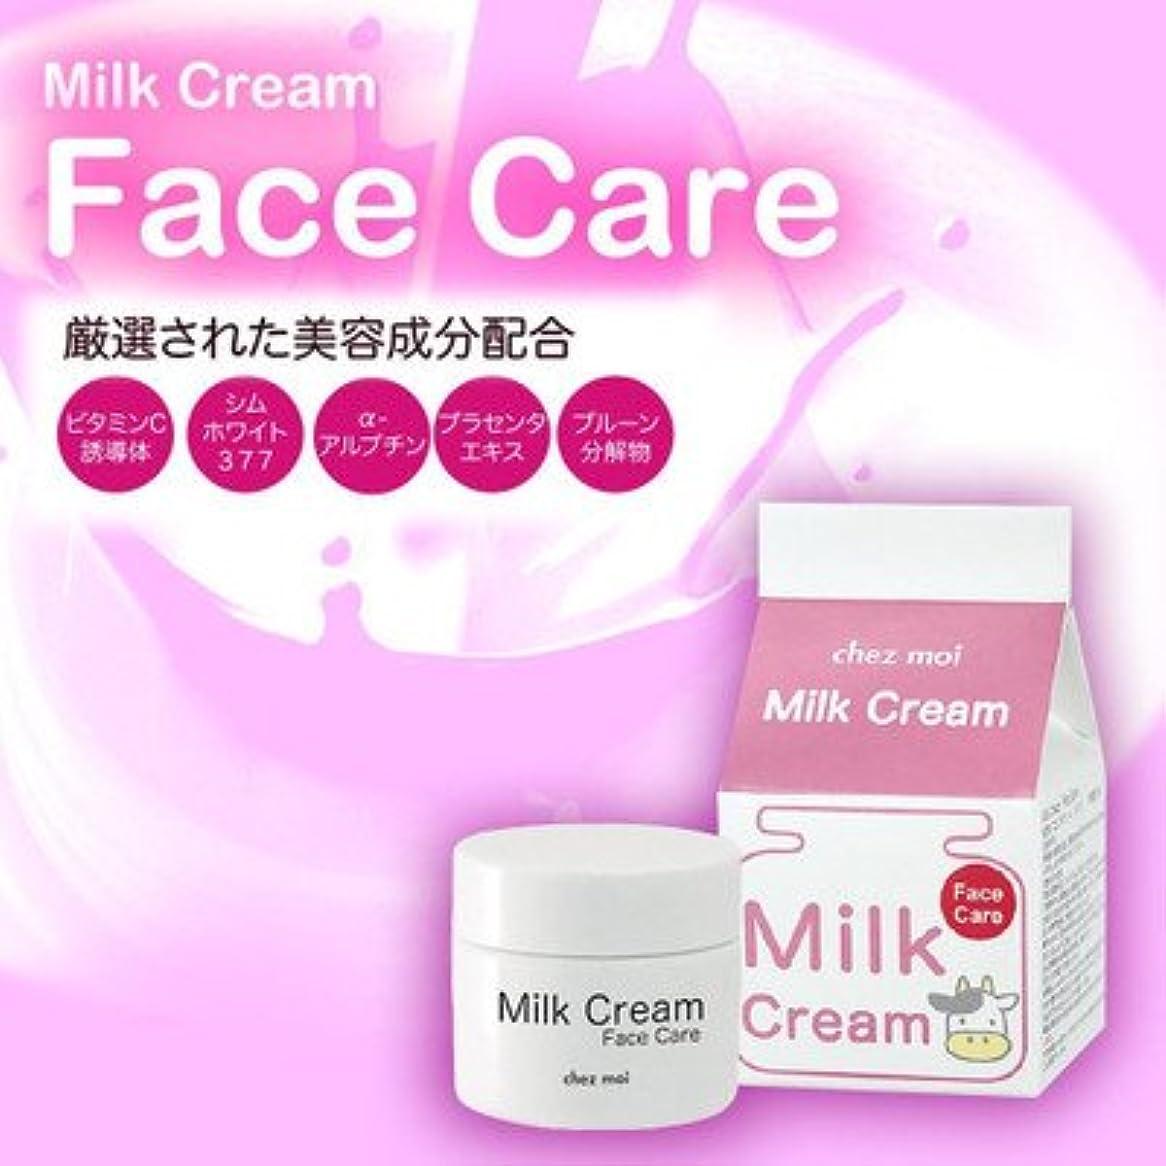 引き渡すリスト降臨乾燥によるお肌のくすみが気になる方に Milk Cream ミルククリーム Face Care フェイスケア パック 30g